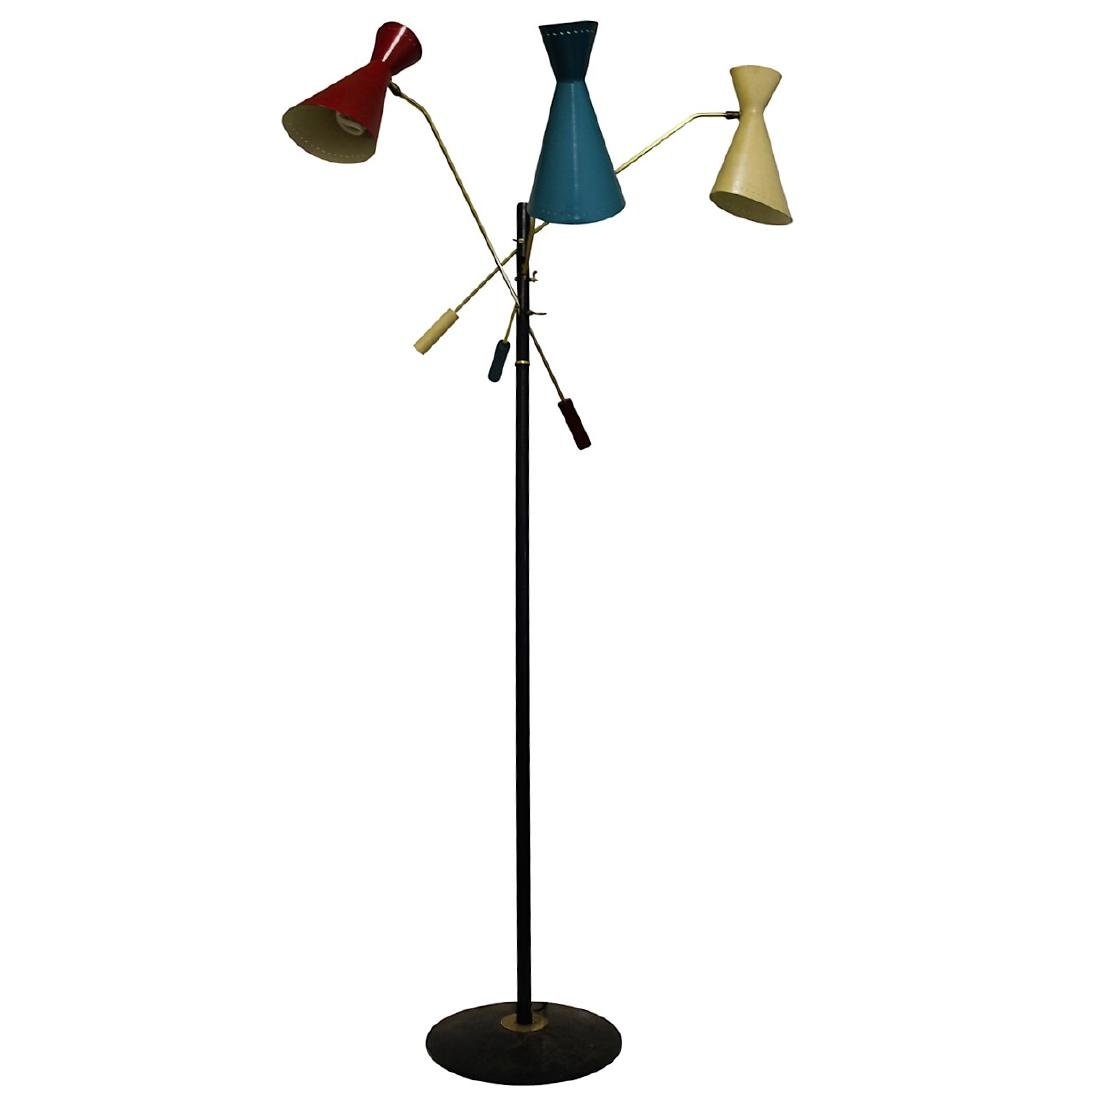 Arteluce Multi-colored Floor Lamp